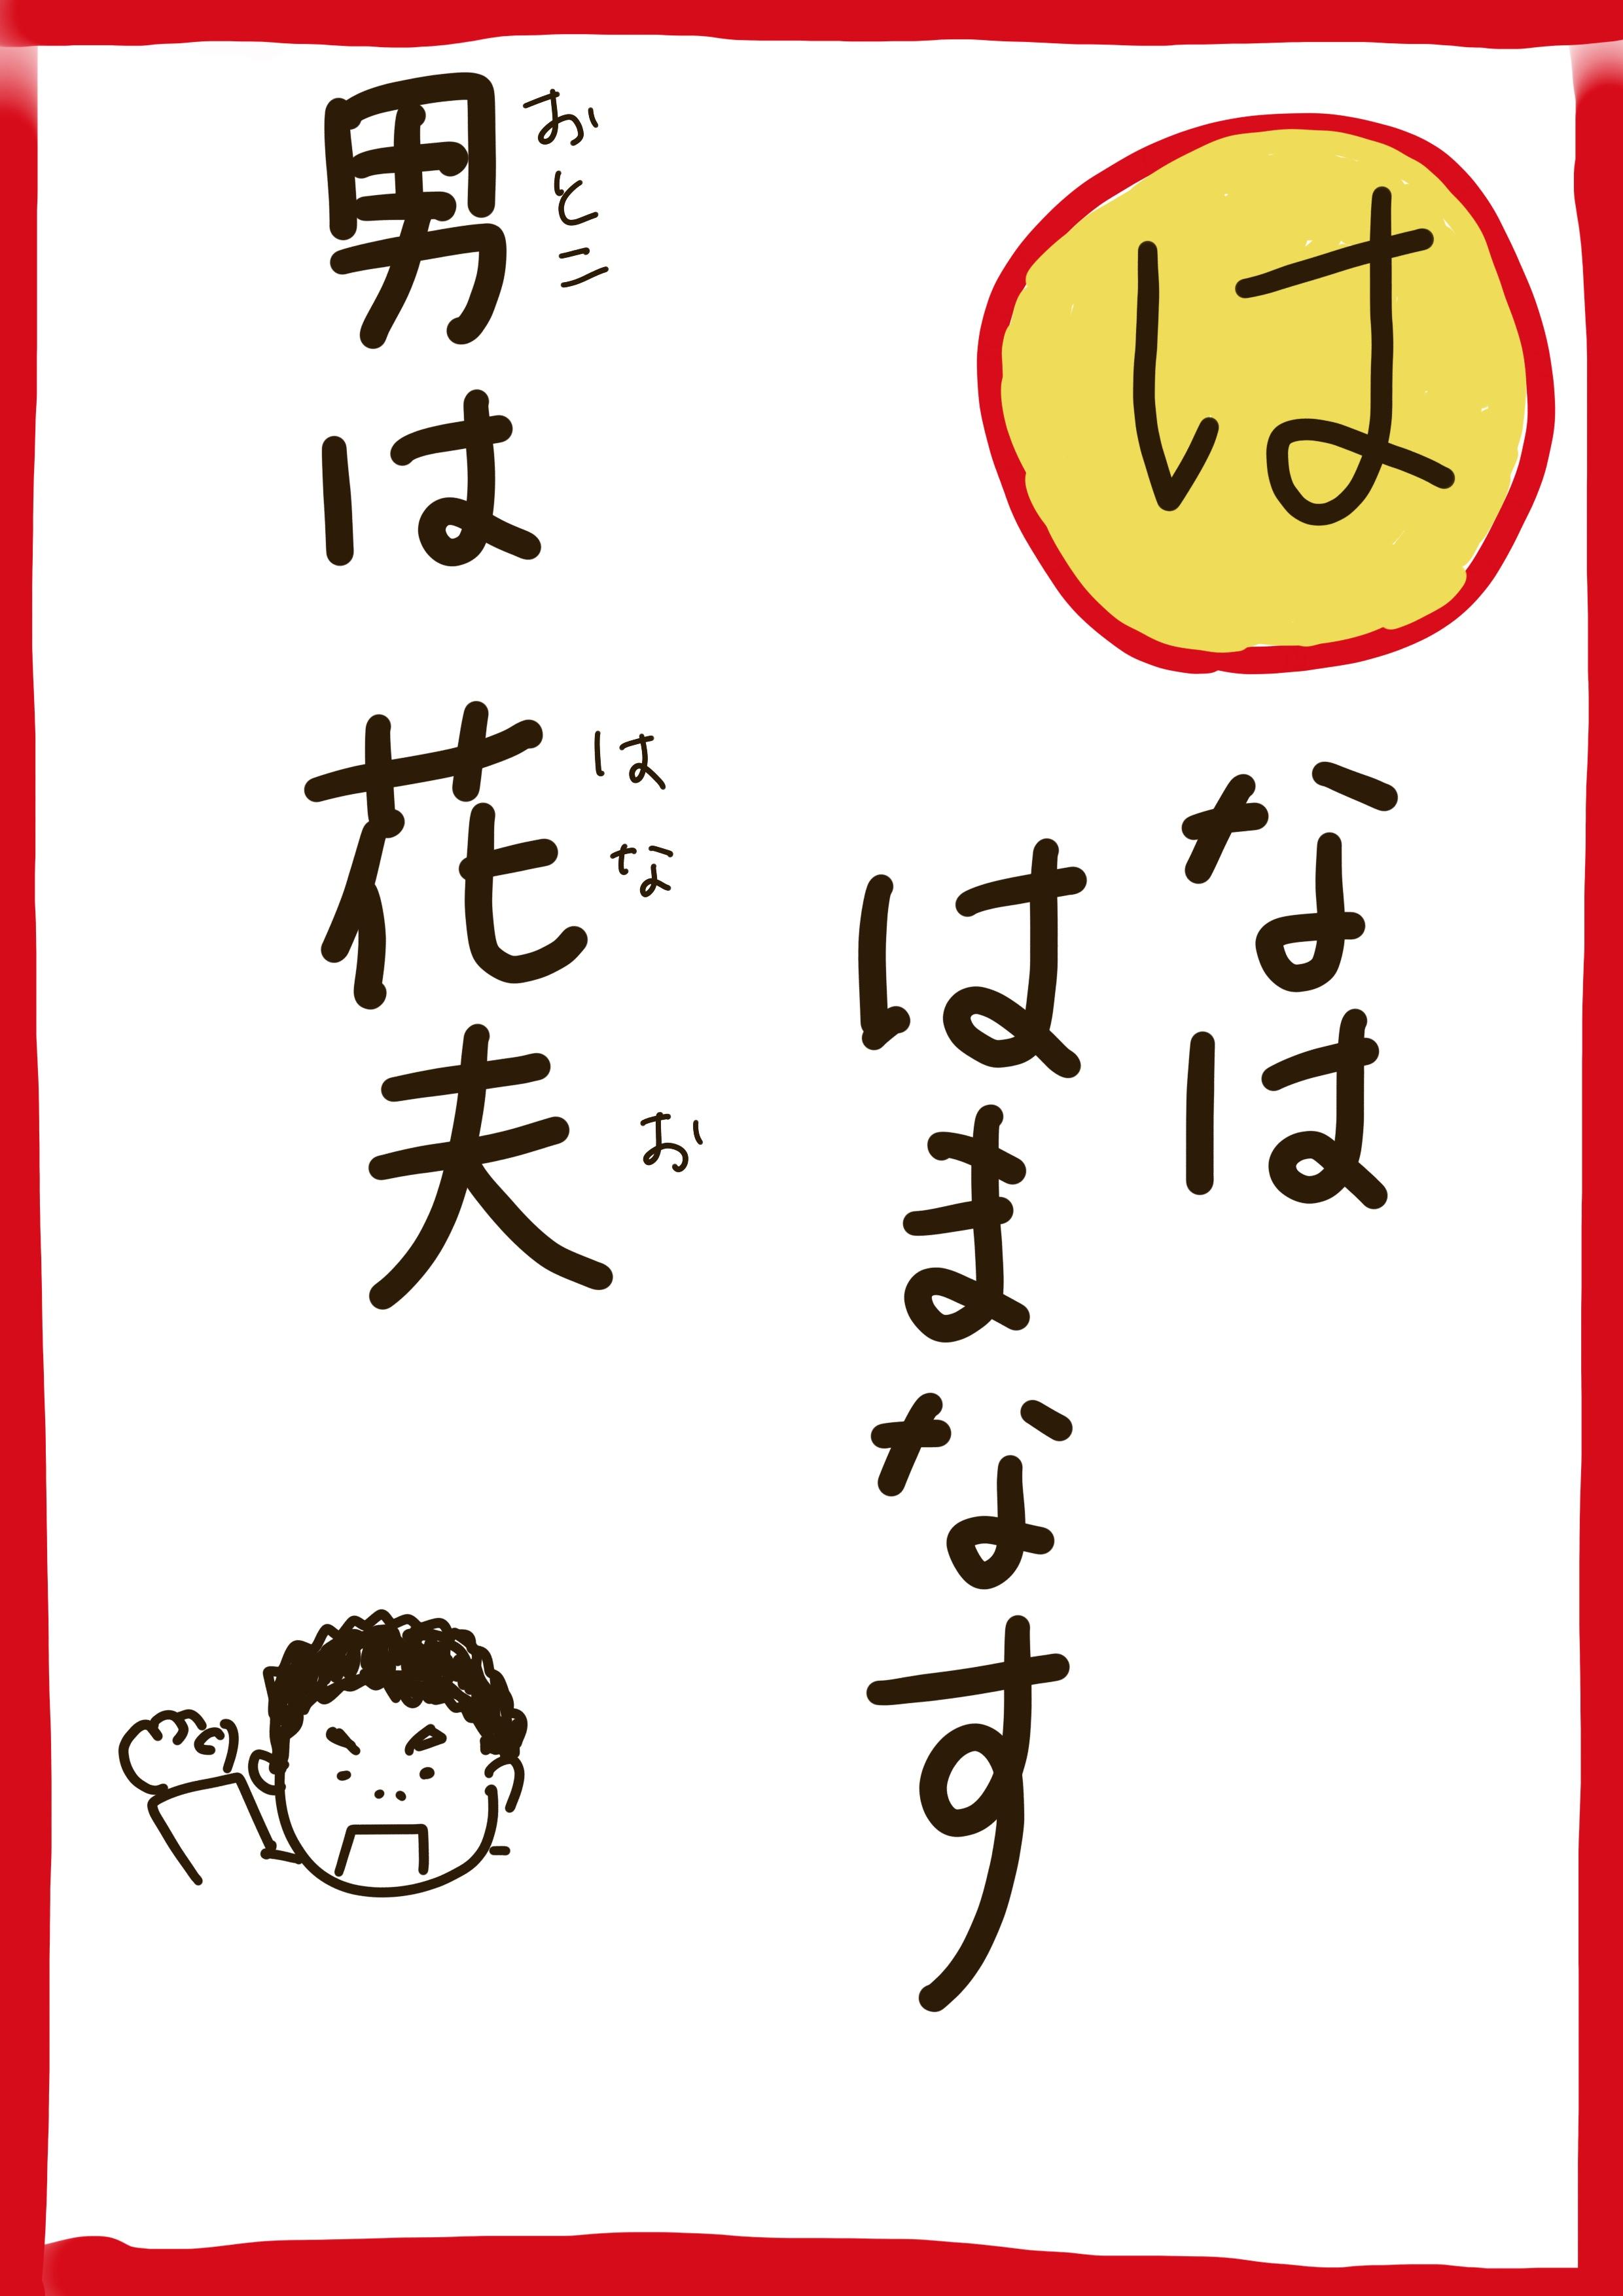 日記2019/01/10「花夫カルタ」「もぐら時間」「操さん92歳」